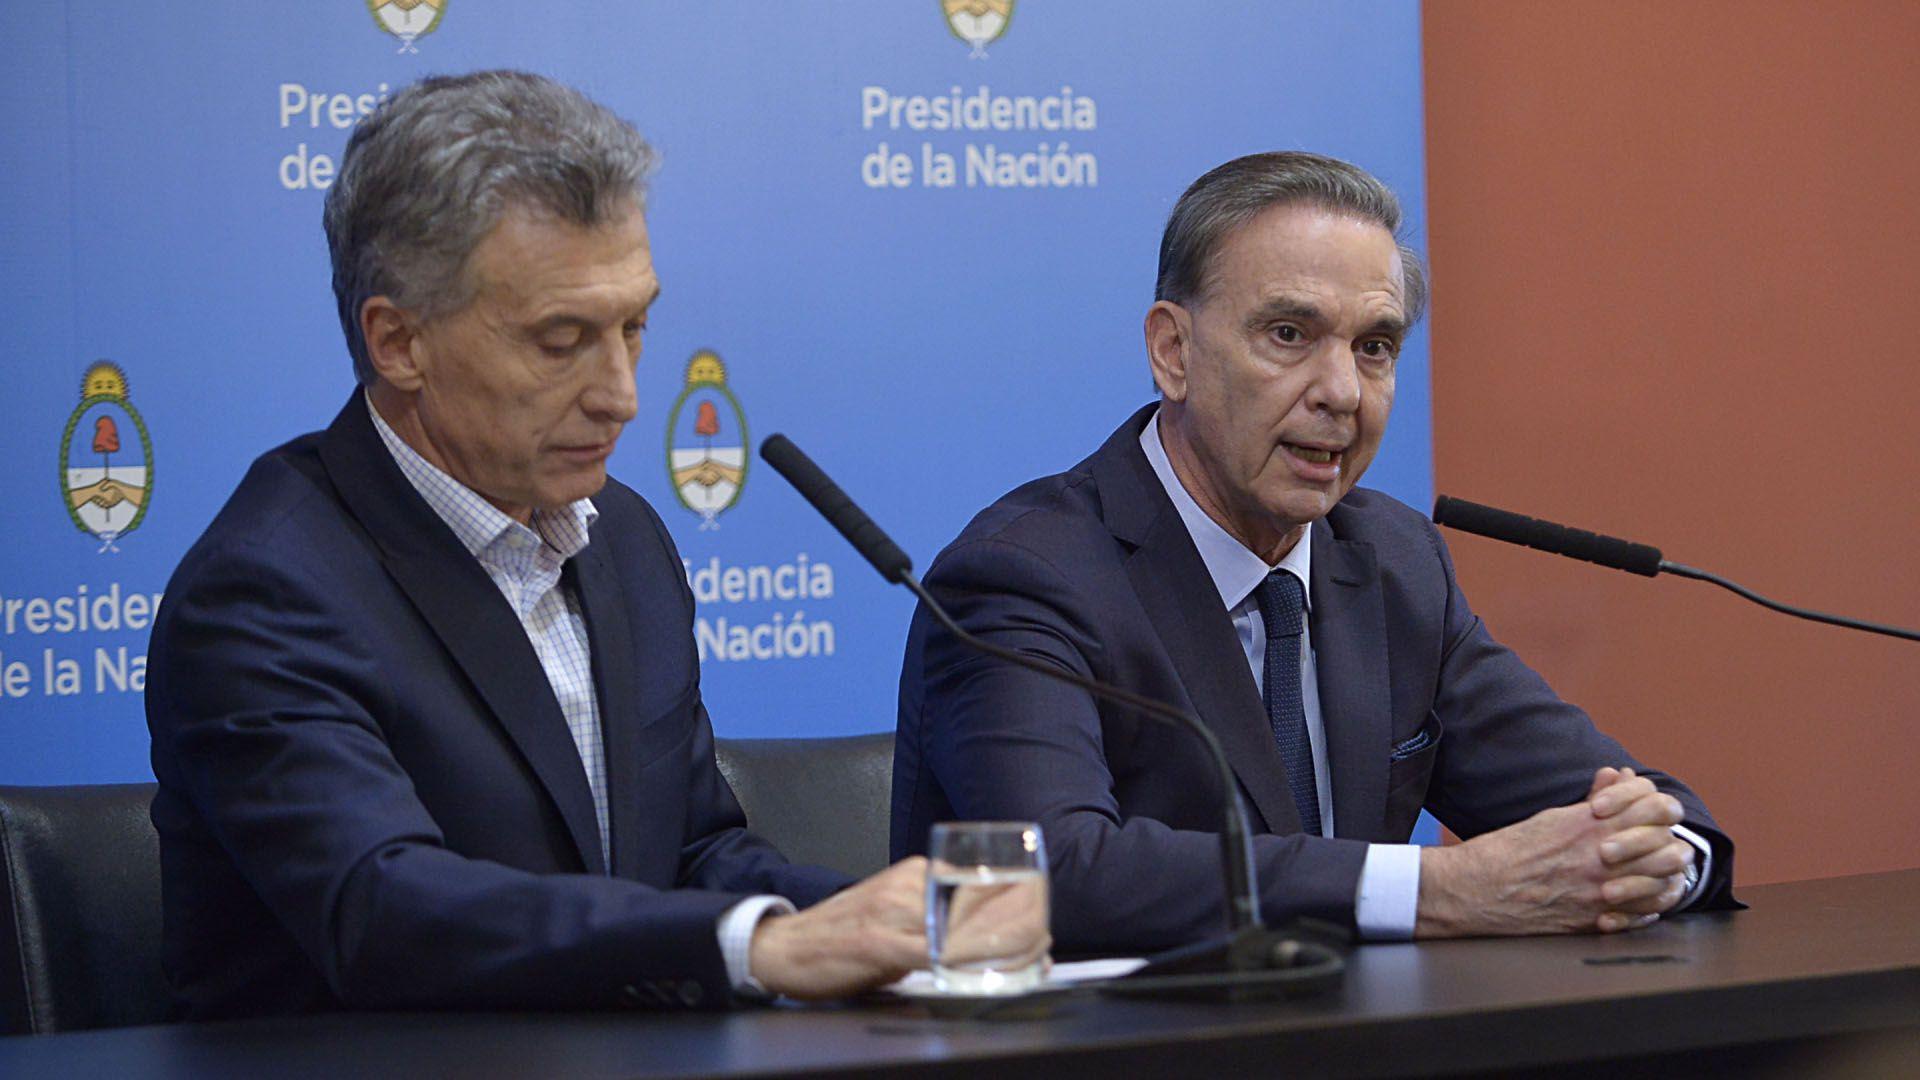 El presidente Mauricio Macri, y el candidato a vicepresidente, Miguel Ángel Pichetto (Gustavo Gavotti)